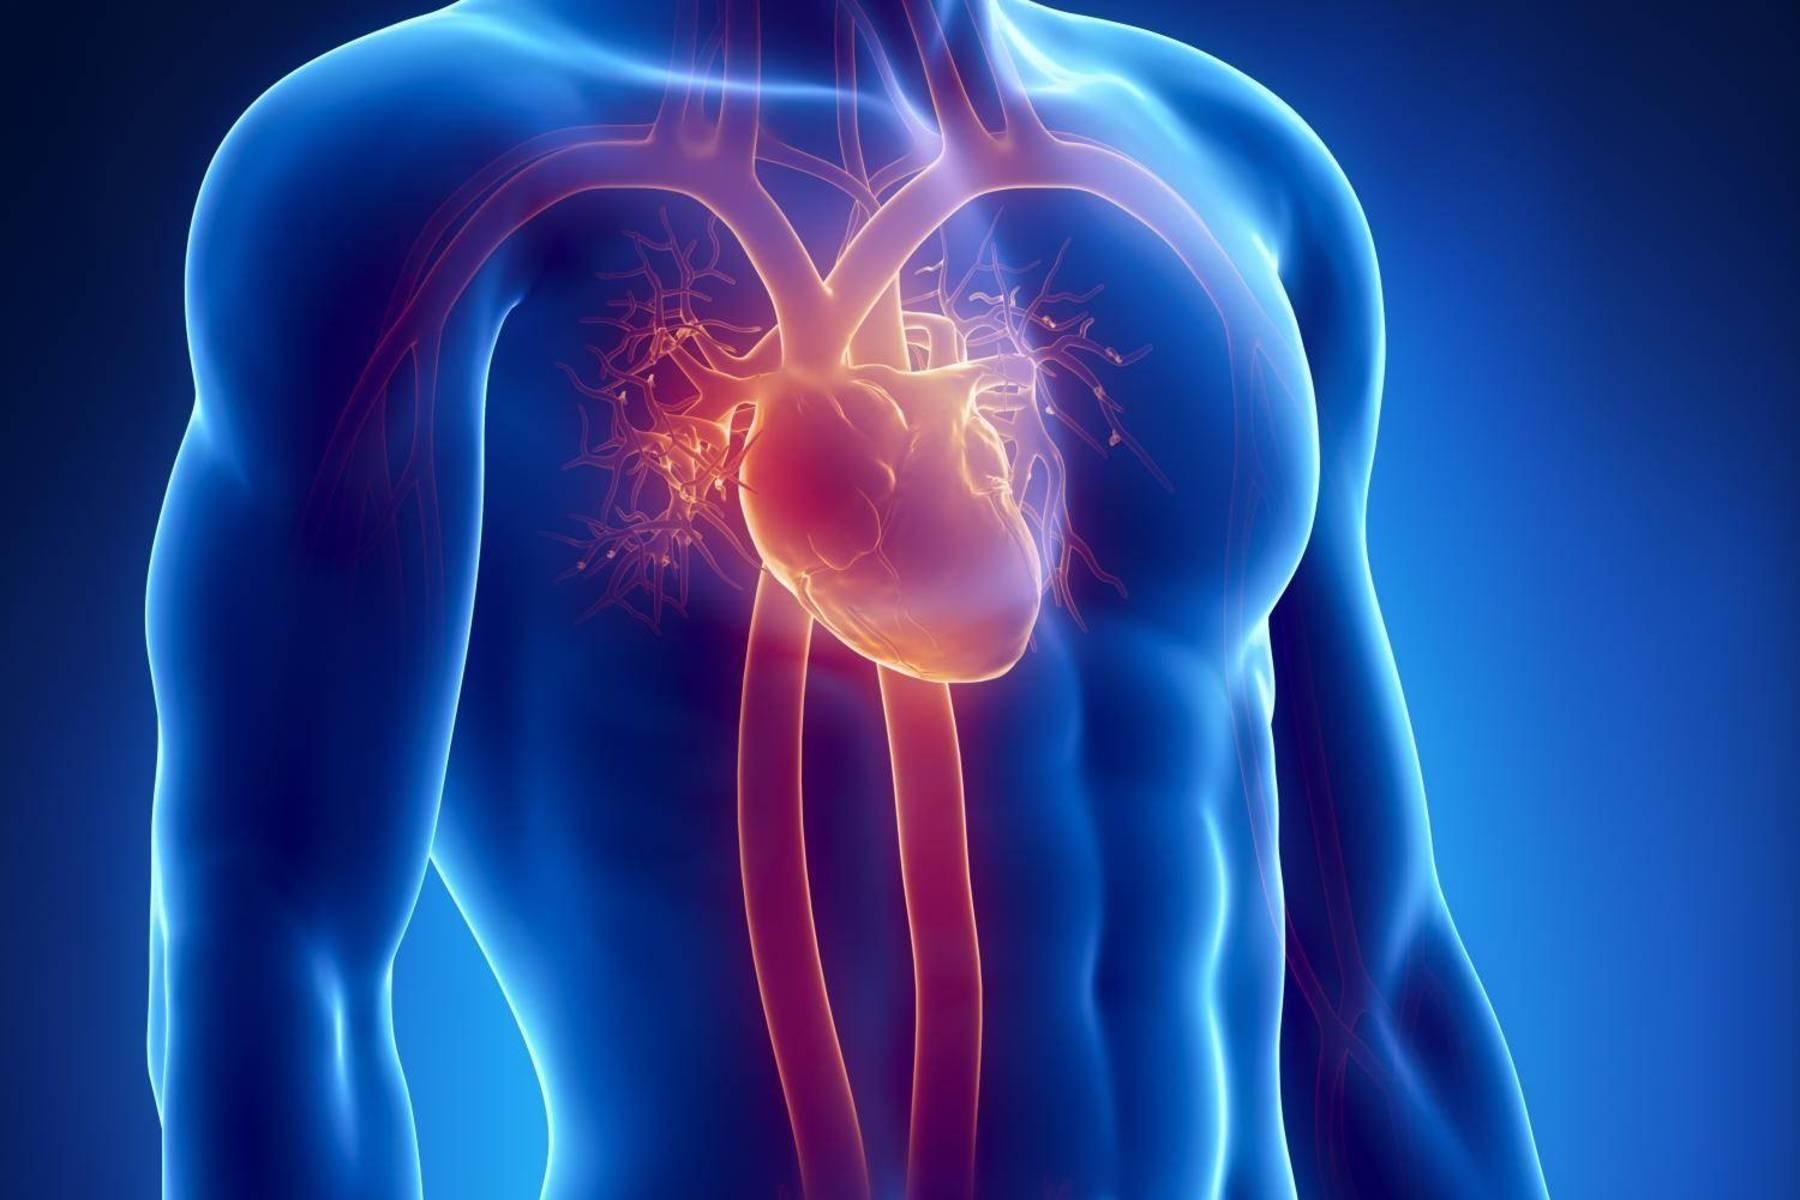 cum vene vene afectează inima